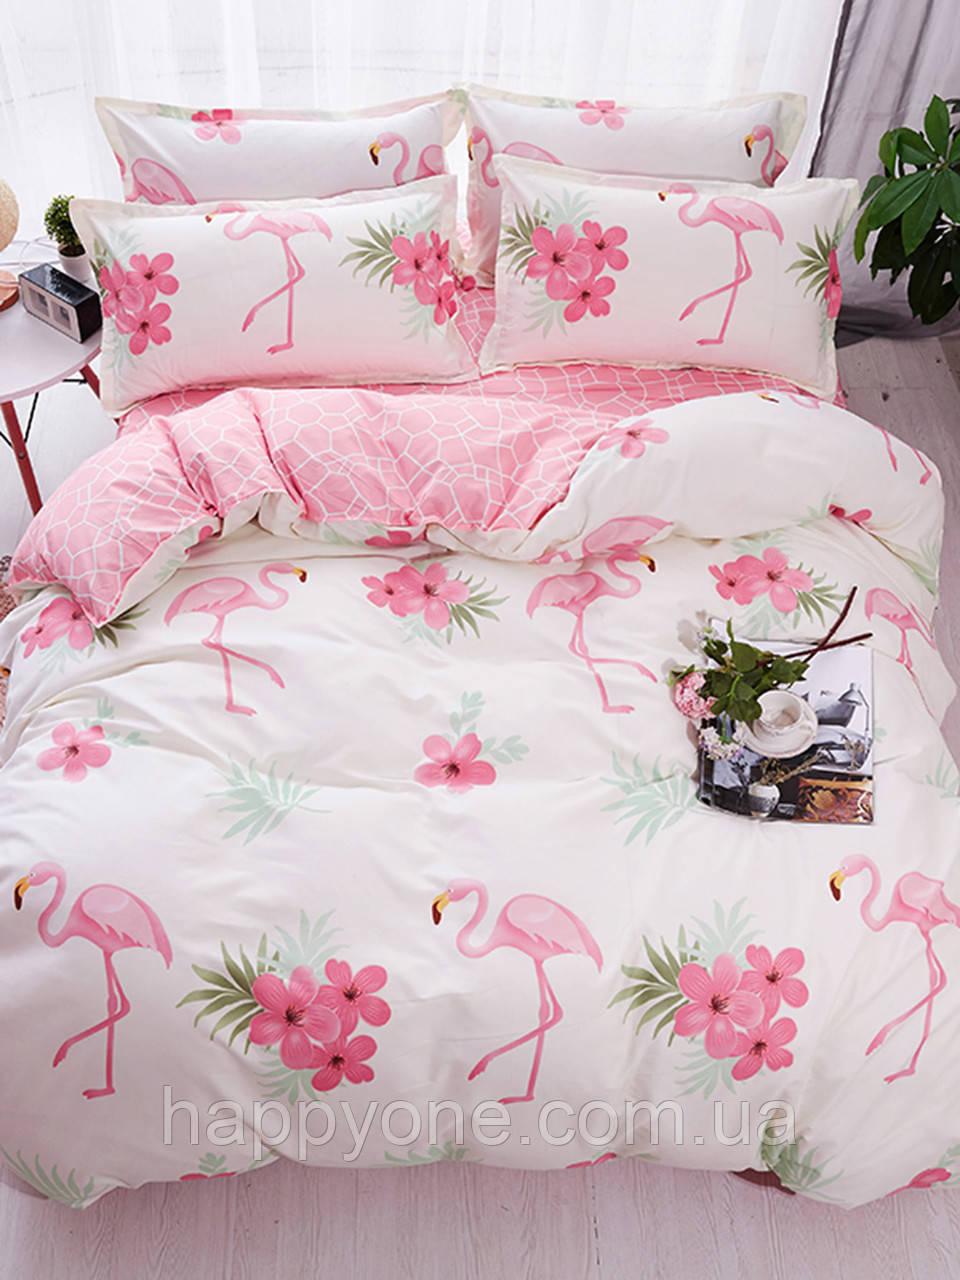 Комплект постельного белья Flamingo Big (полуторный)